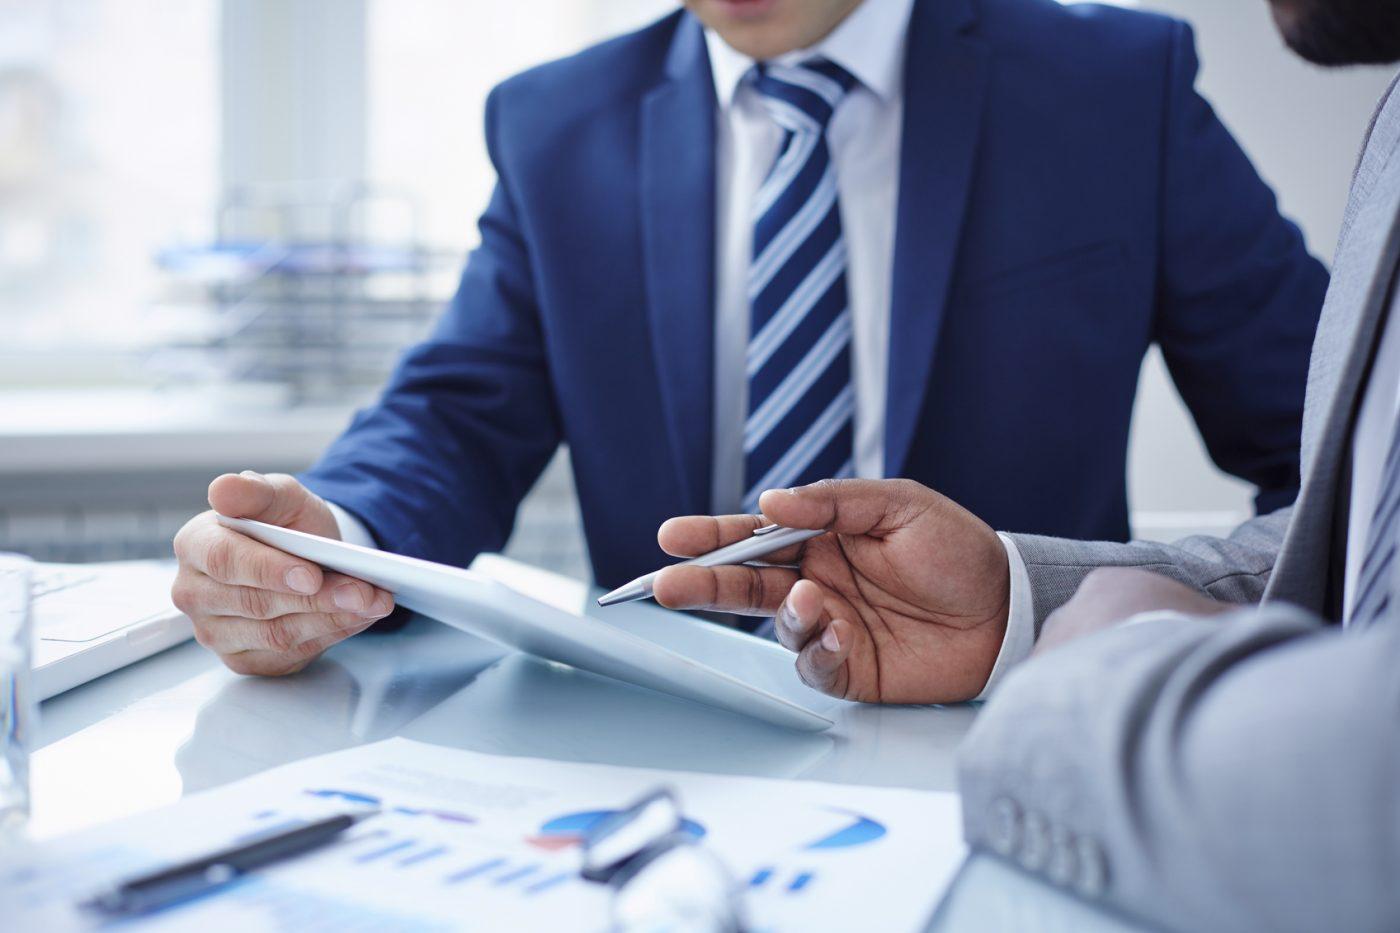 【業界分析:市場調査サービス市場】調査手法はネット調査へシフト。市場調査業界の市場規模と動向